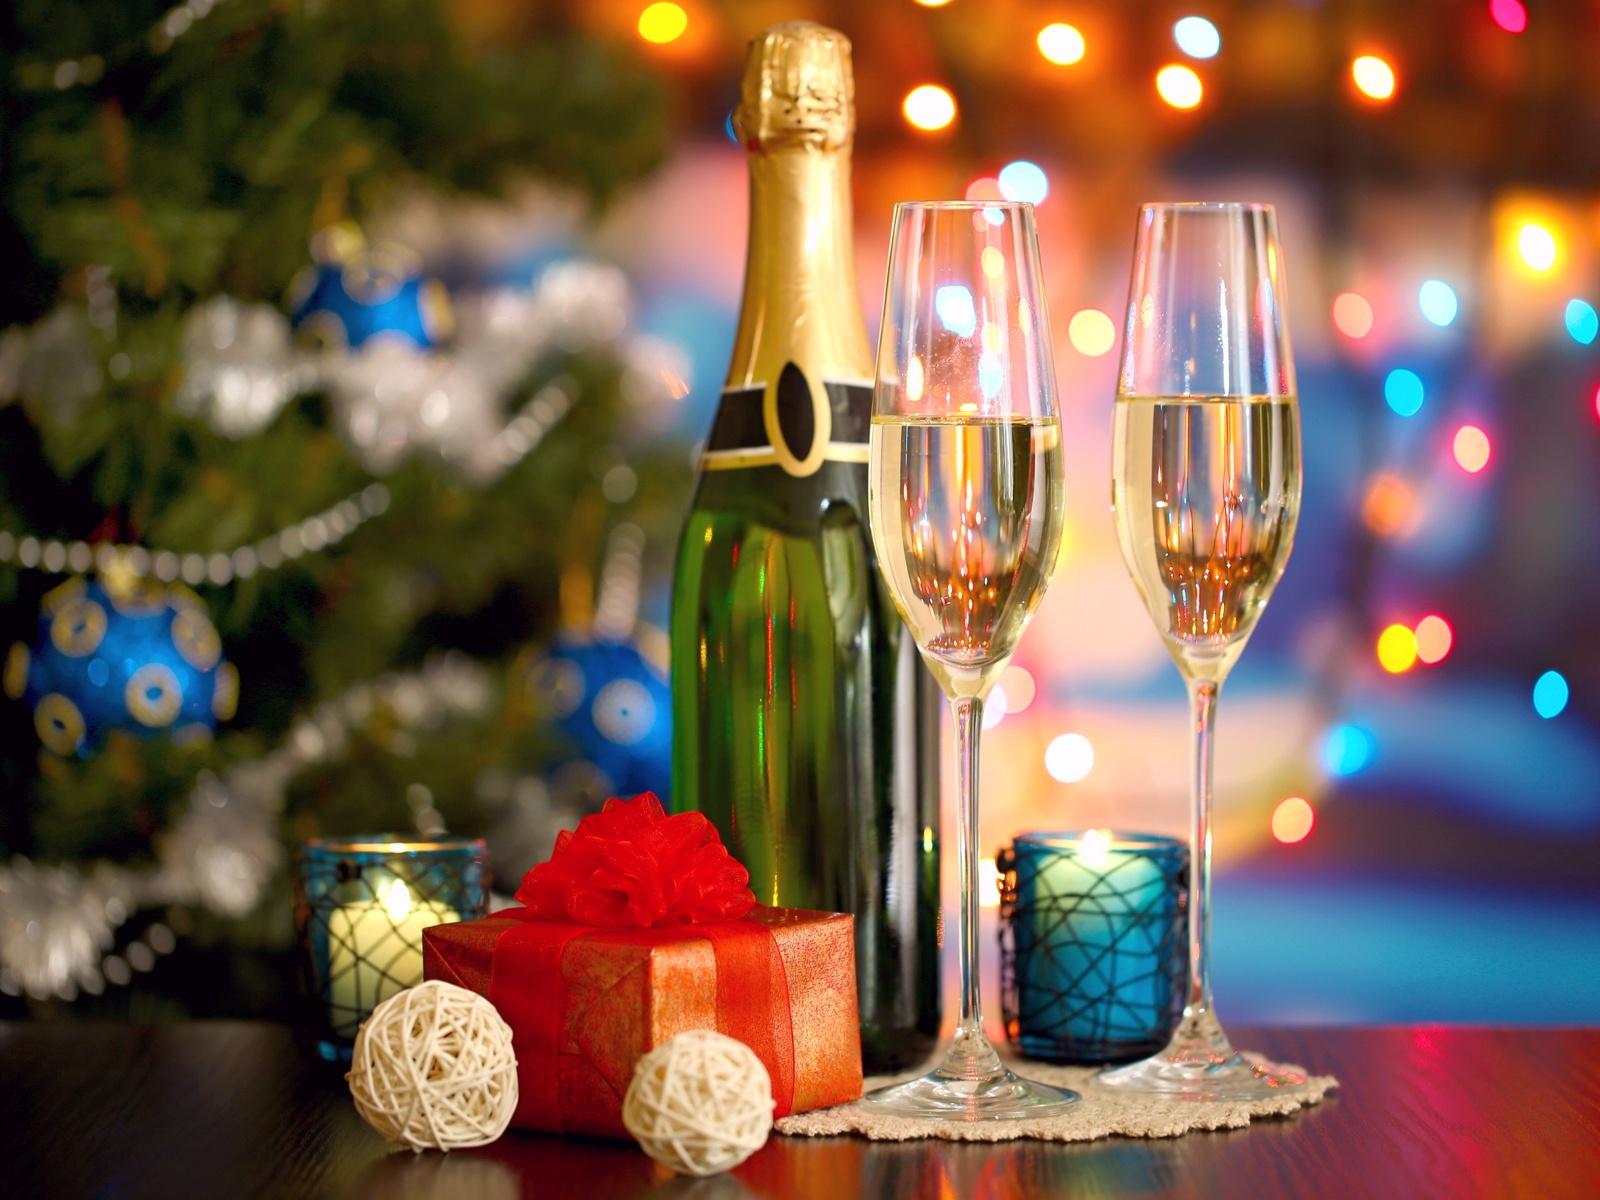 С Новым годом Козы! Смс-поздравления в стихах - фото №2